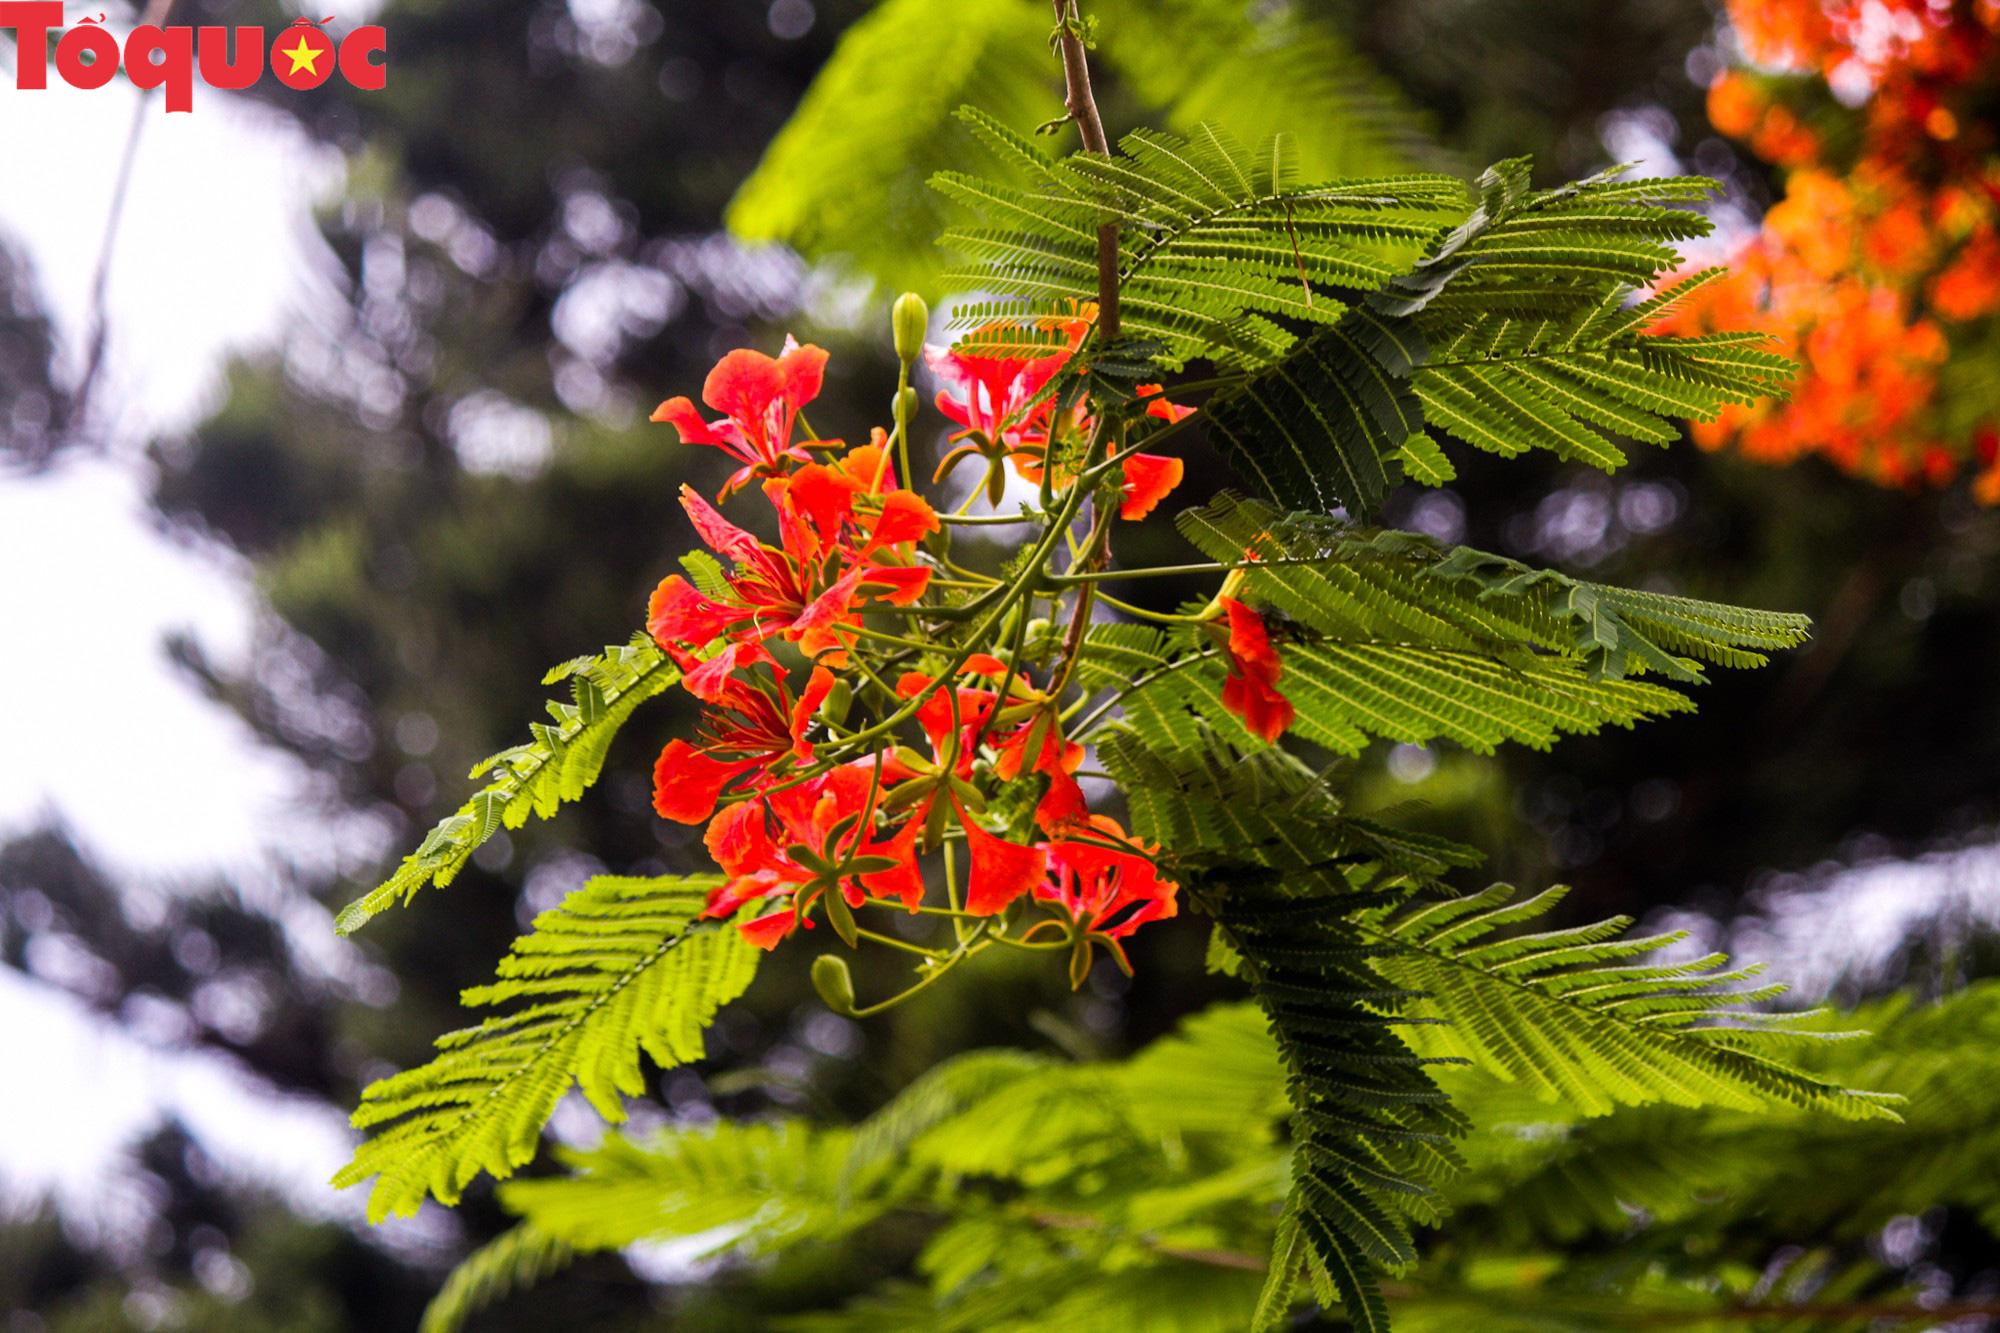 Đất trời xứ Huế đẹp rực rỡ trong mùa phượng vĩ nở hoa - Ảnh 7.